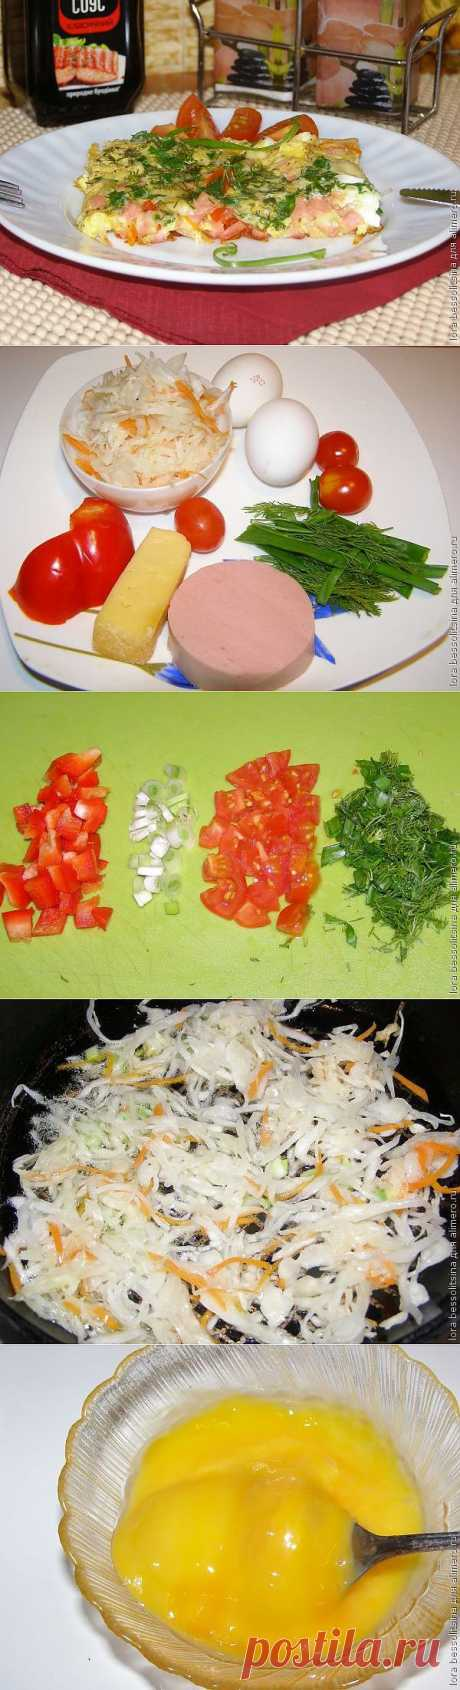 Яичница с квашеной капустой и колбасой / Рецепты с фото